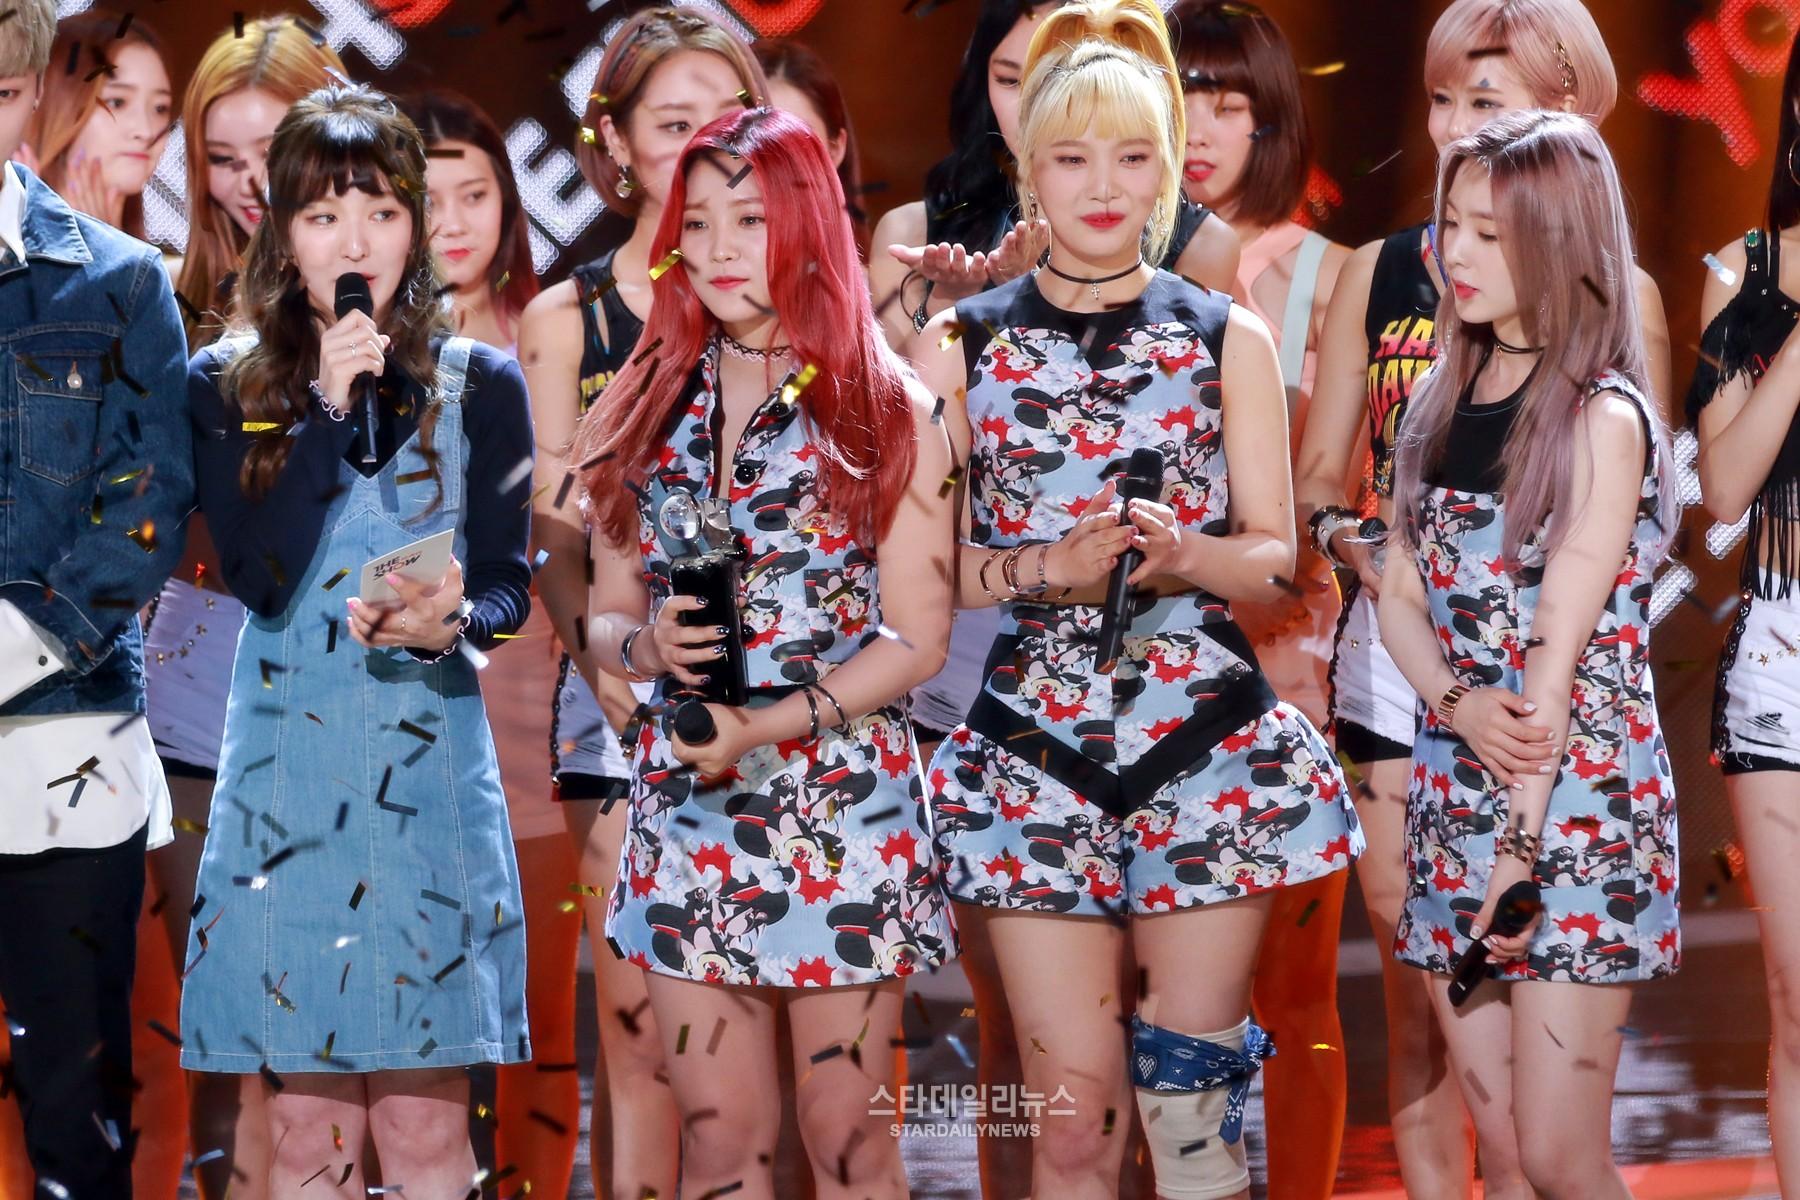 """Red Velvet obtiene su segundo premio con """"Russian Roulette"""" y actuaciones de DIA, Kim Joo Na y más"""